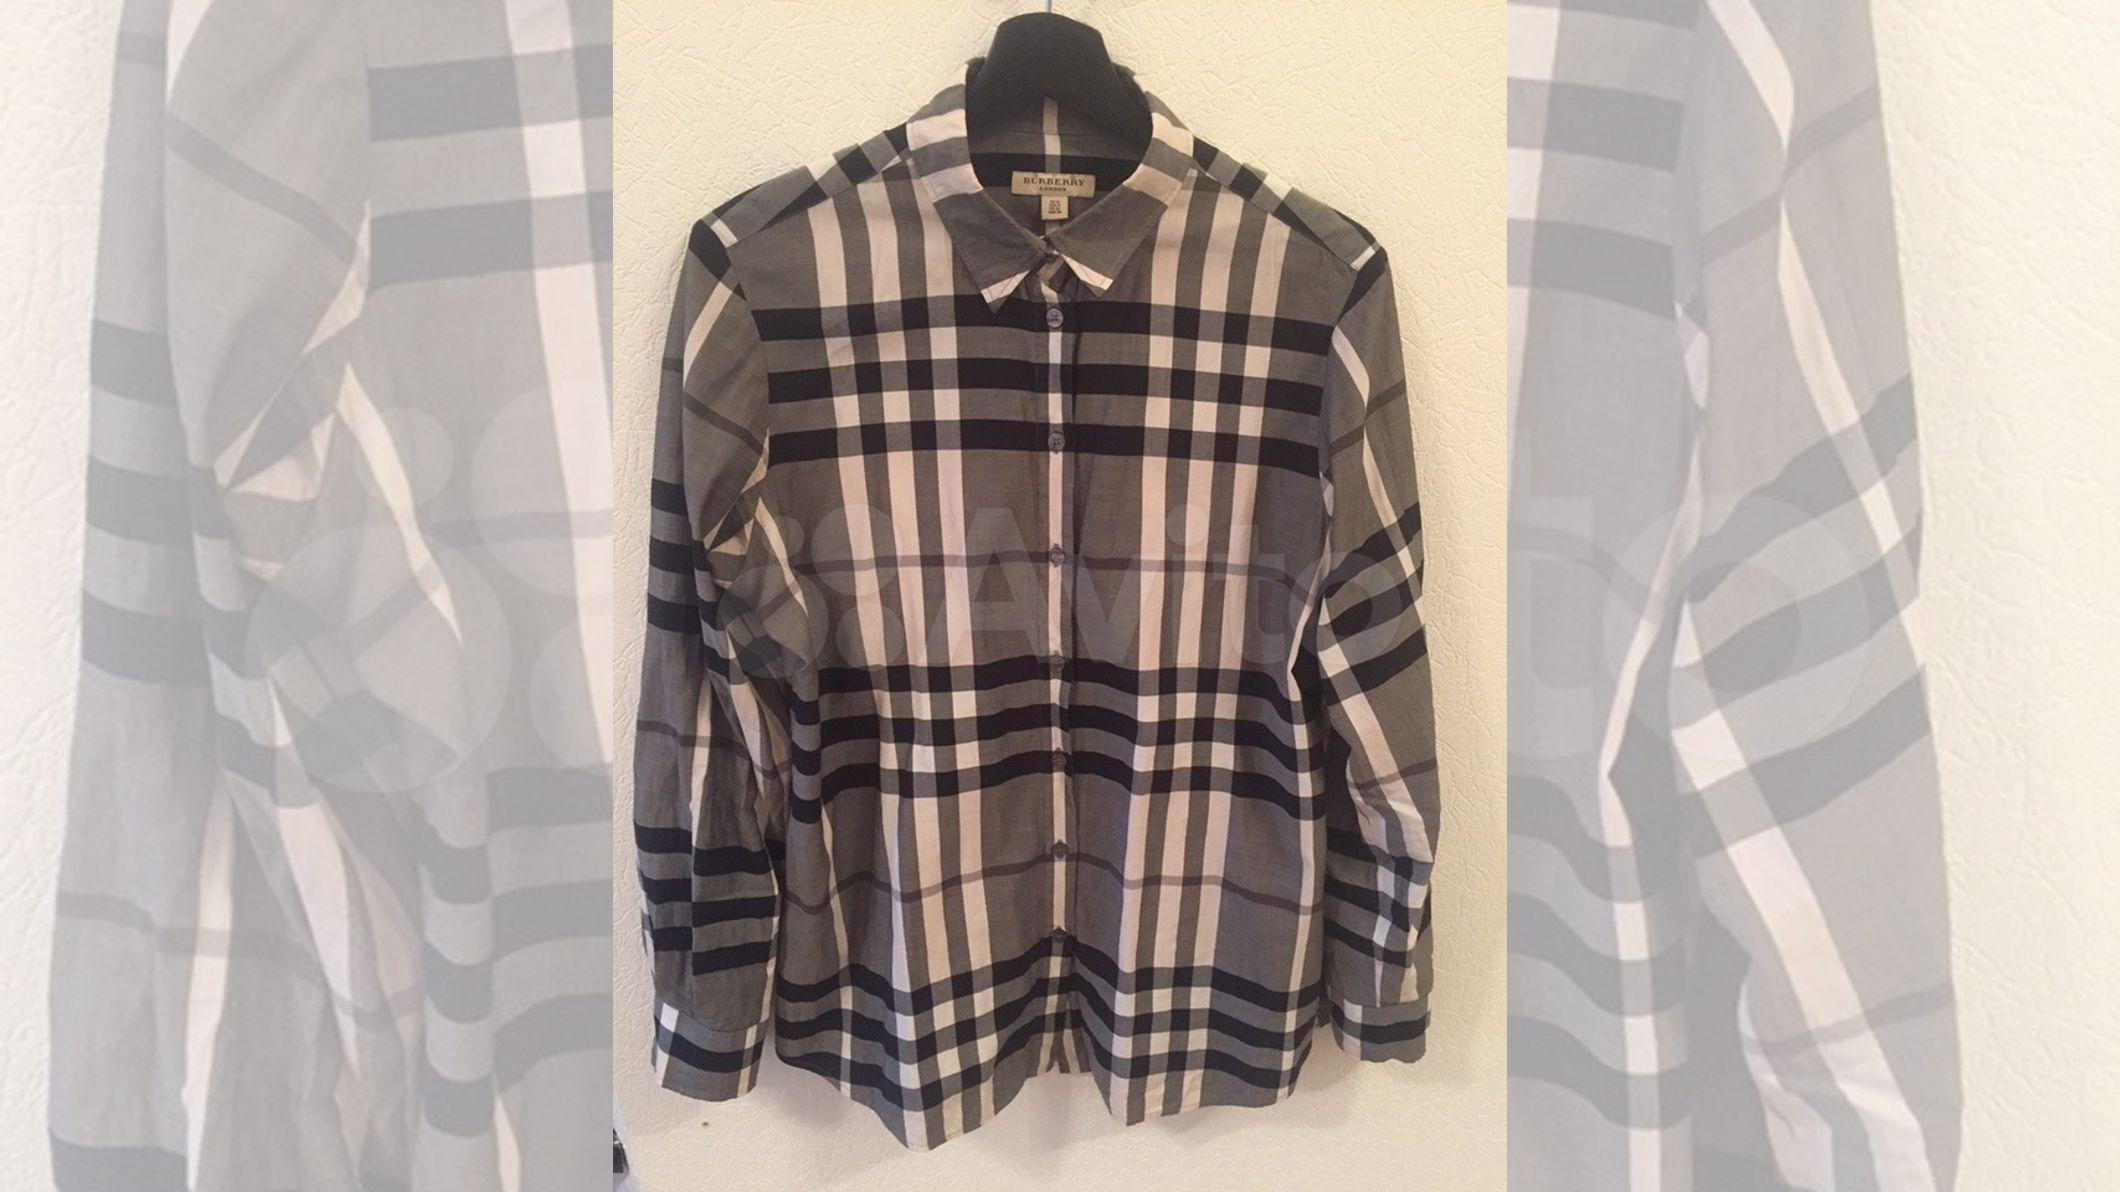 33833cd4cf61 Рубашка в клетку Burberry london оригинал купить в Санкт-Петербурге на Avito  — Объявления на сайте Авито